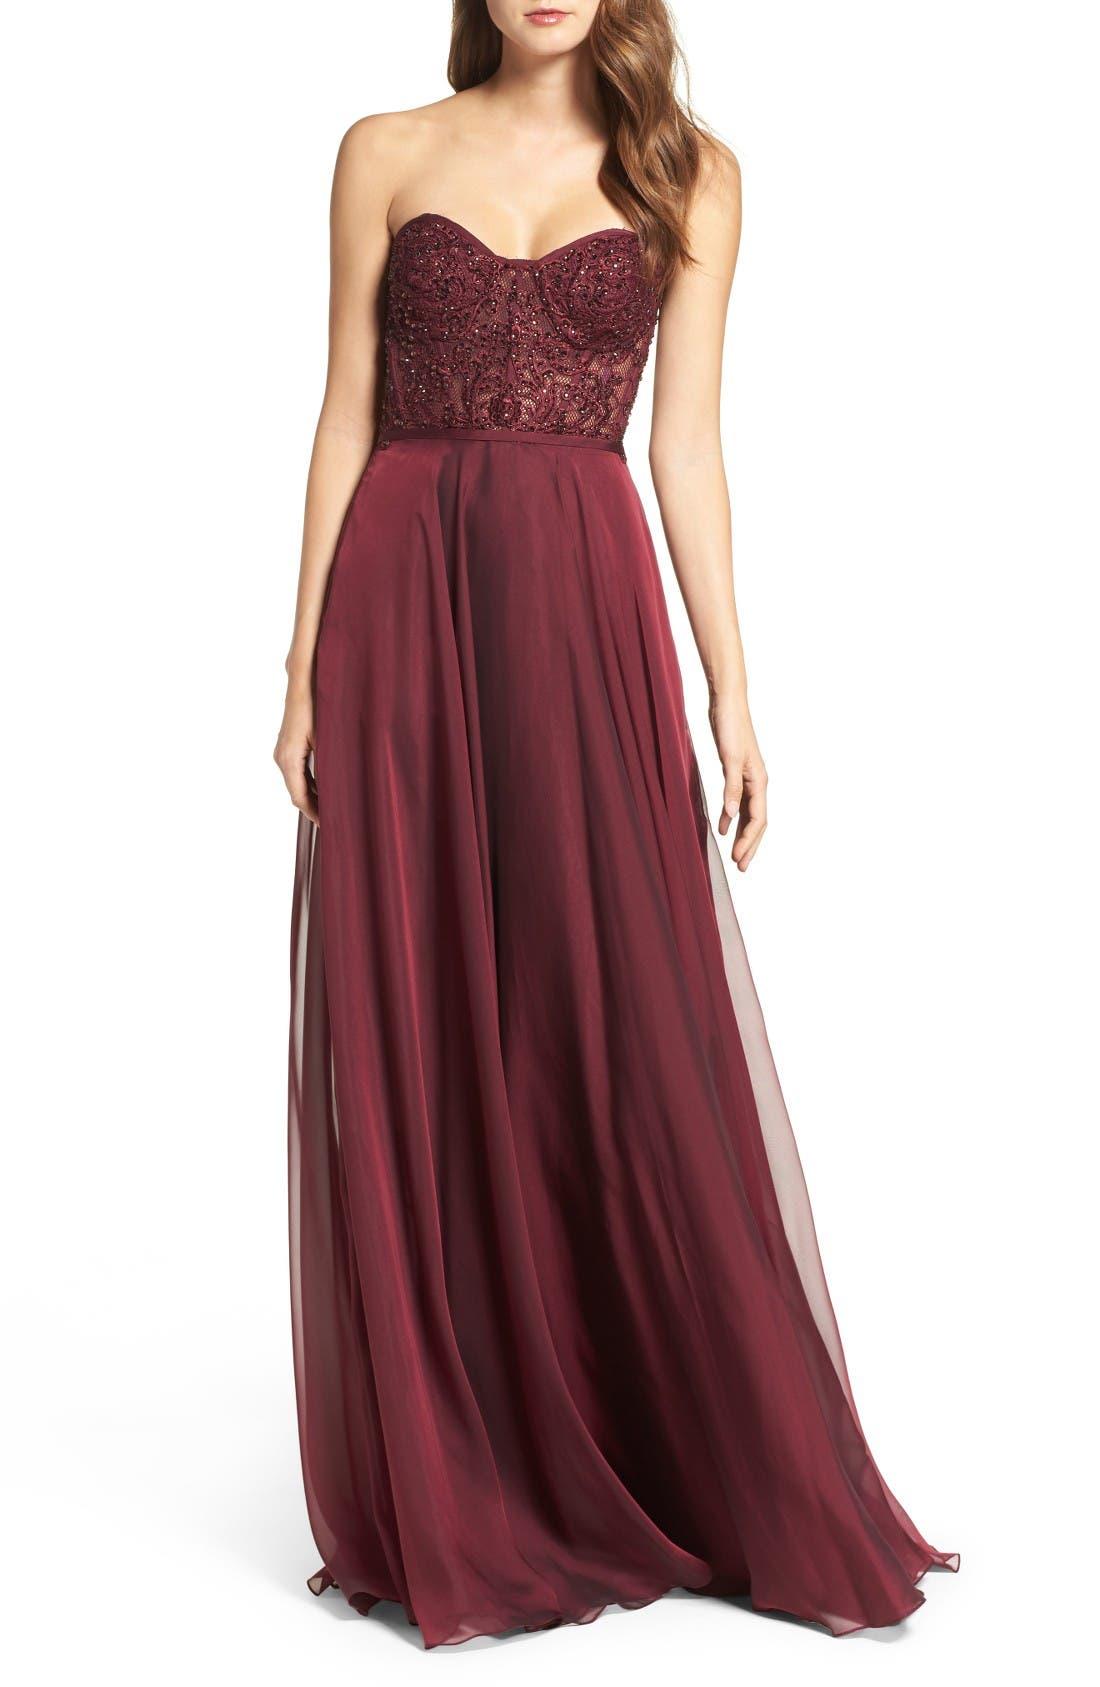 LA FEMME Embellished Strapless Gown